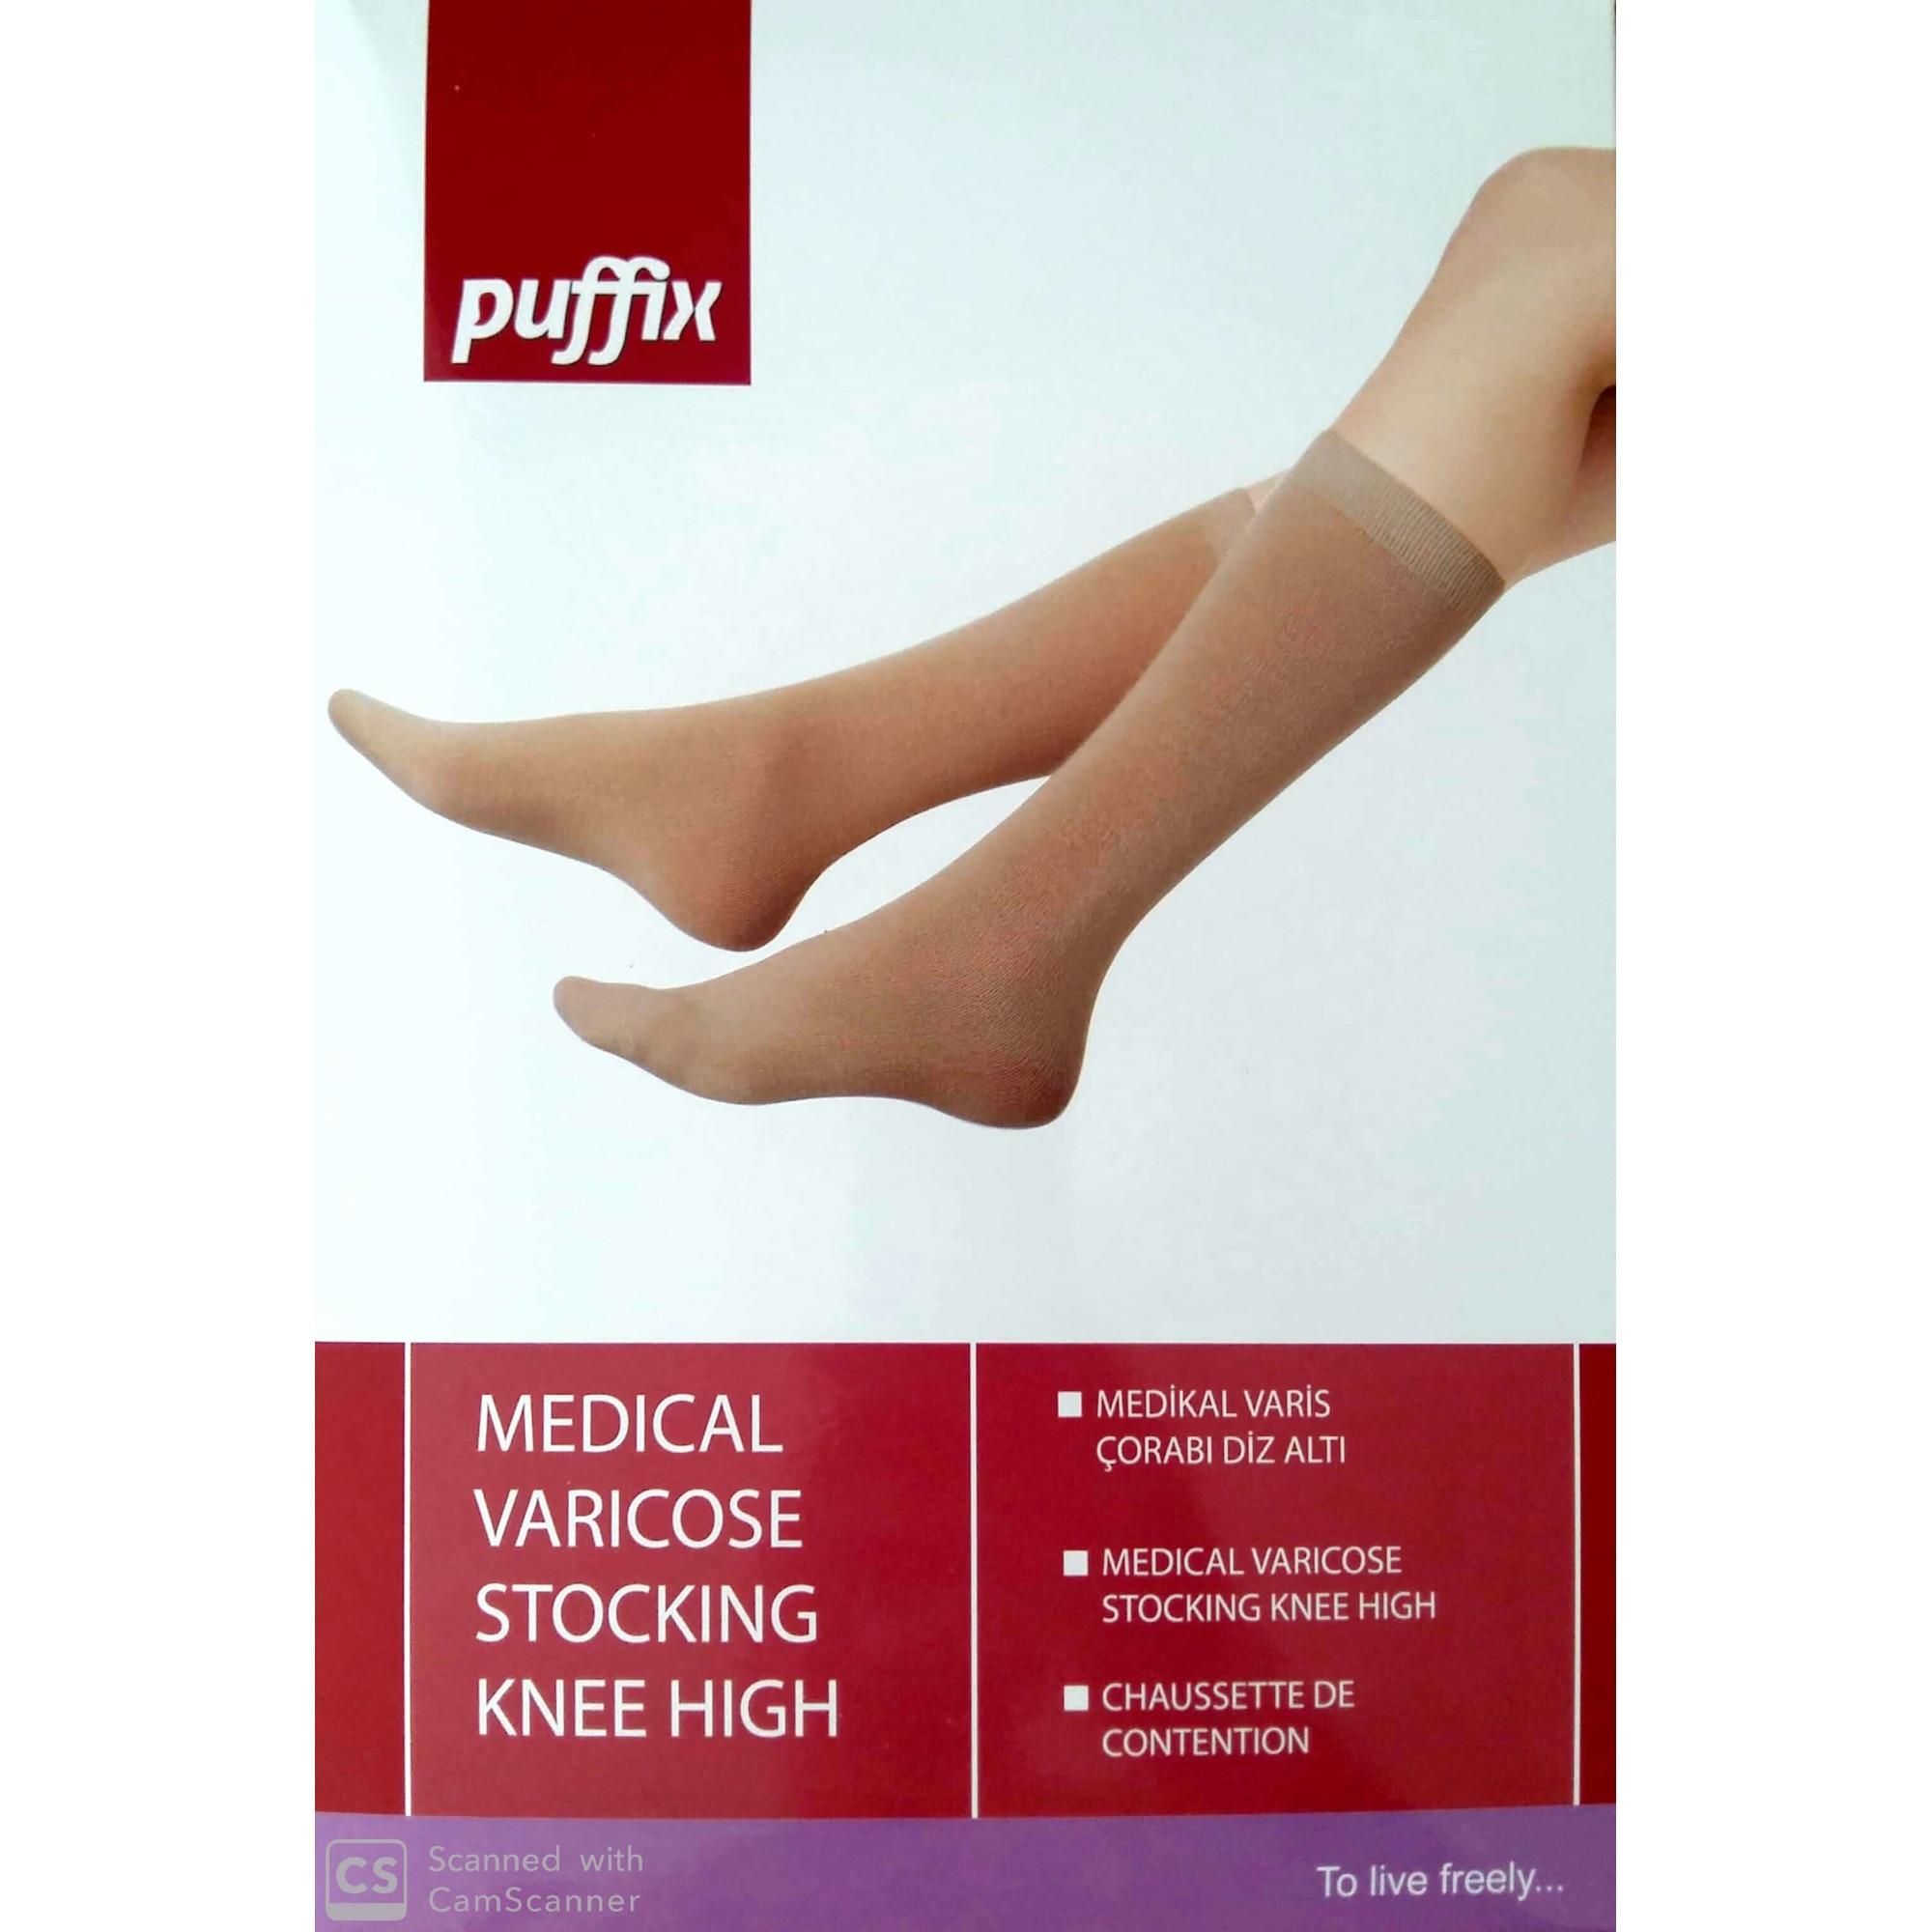 varicoză dureri de crampe în picioare clogrimazol din venele varicoase